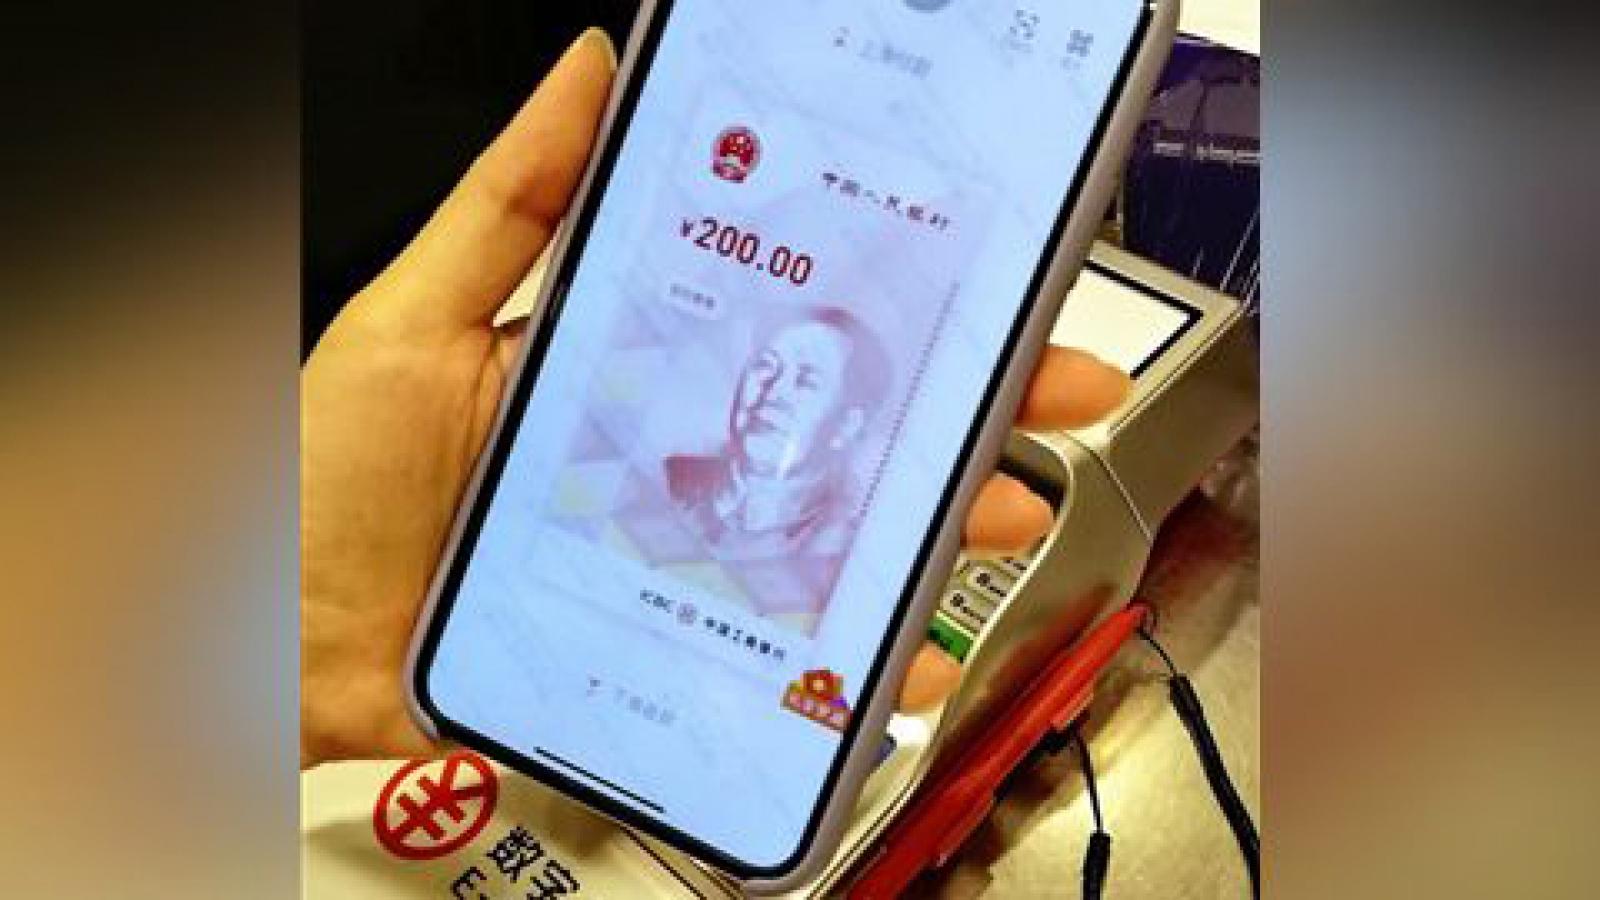 Trung Quốc phát miễn phí 20 triệu nhân dân tệ tiền điện tử